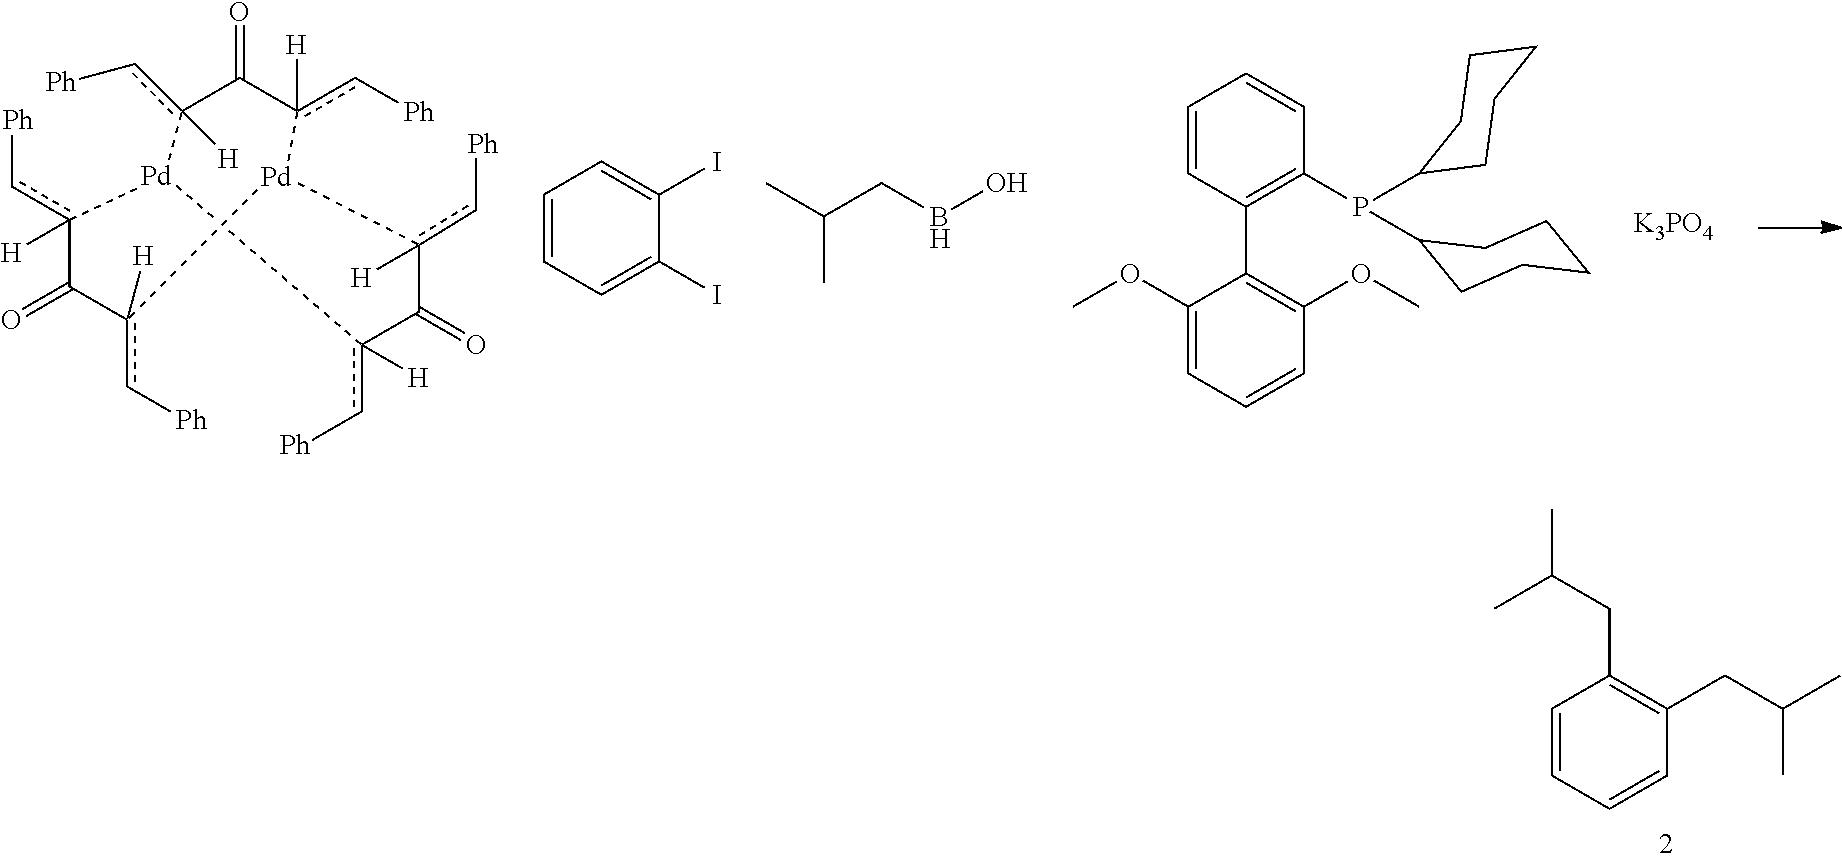 Figure US09905785-20180227-C00378